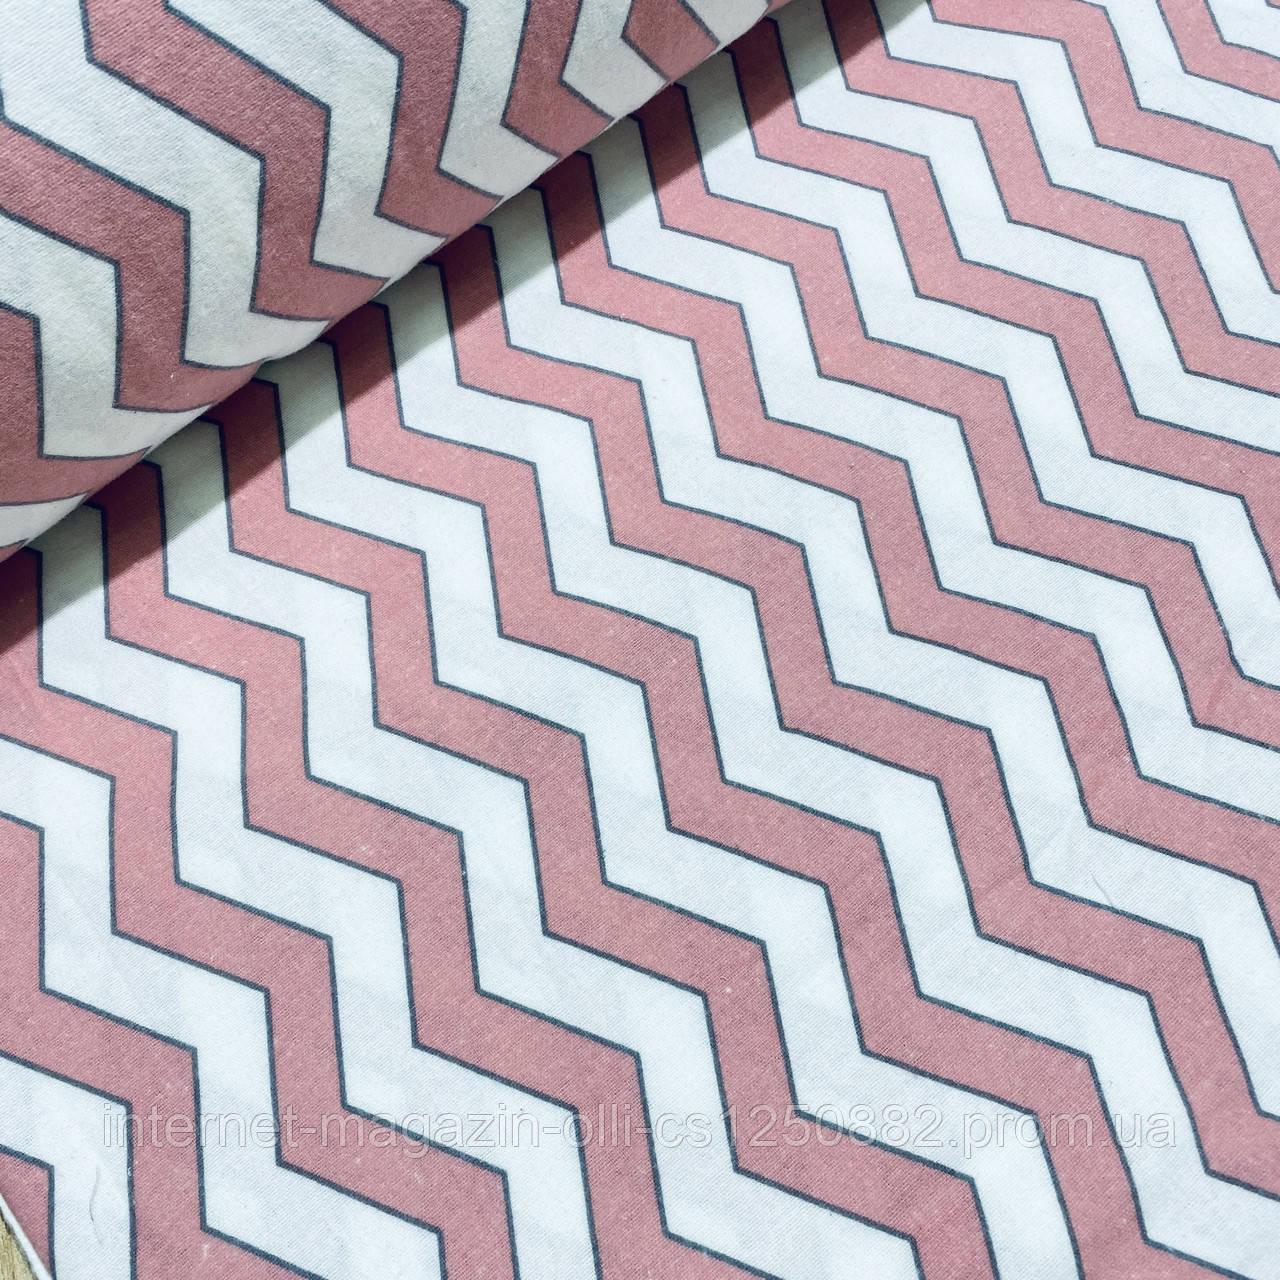 Фланелевая ткань зигзаг розовый на белом (шир. 2,4 м)